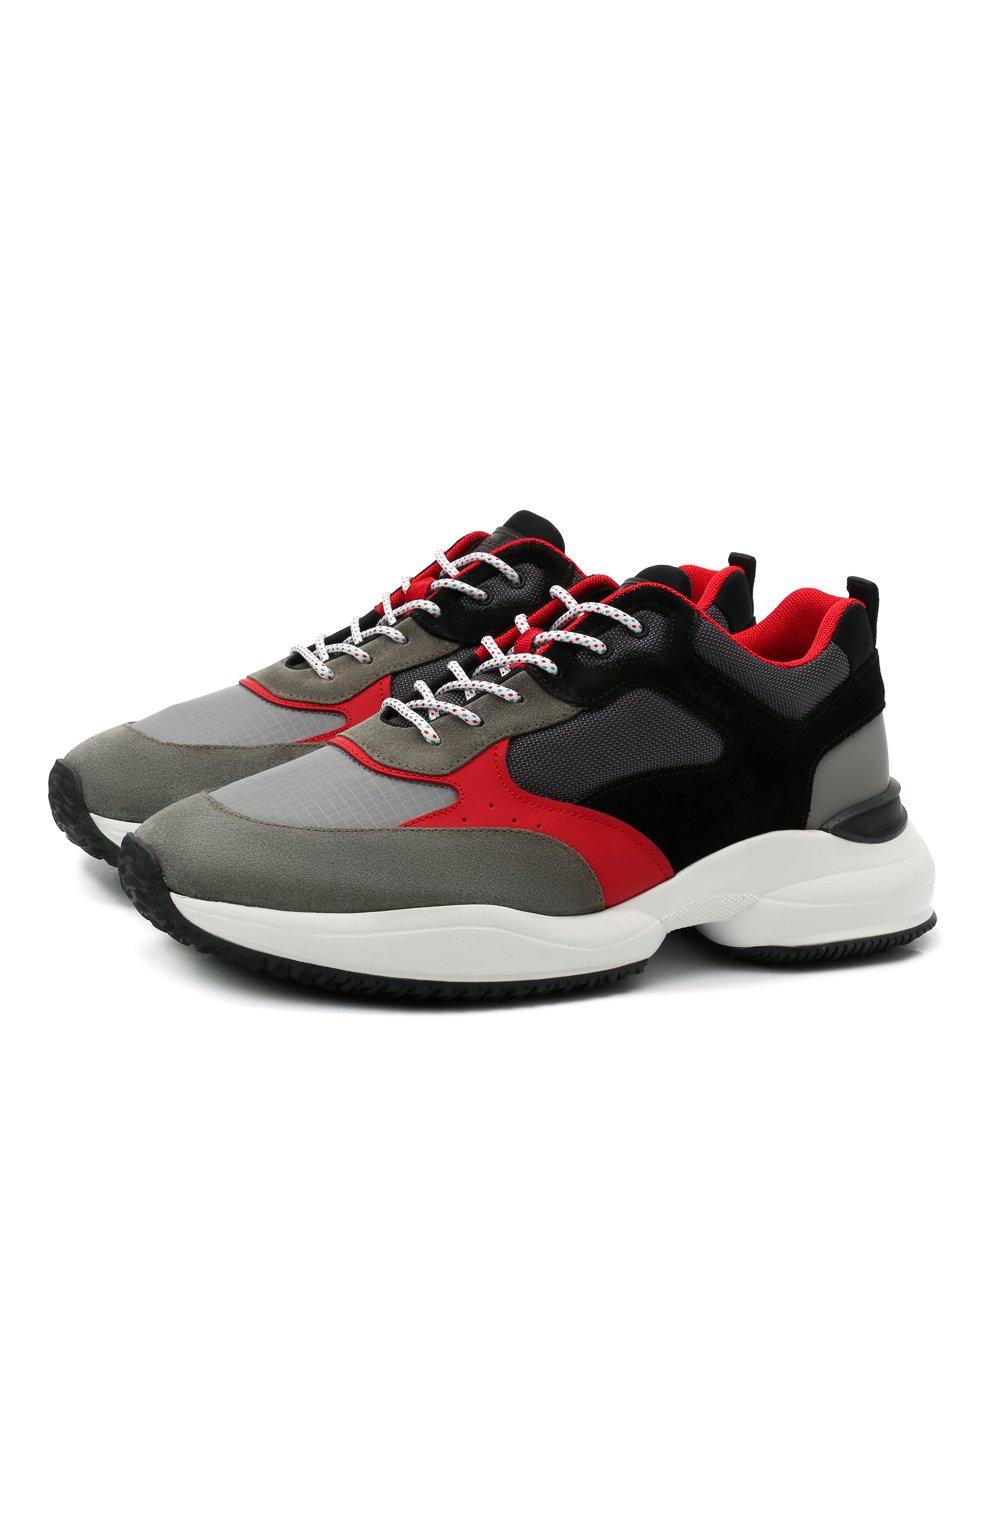 Мужские комбинированные кроссовки HOGAN разноцветного цвета, арт. HXM5450DH10PFG | Фото 1 (Материал внешний: Текстиль; Стили: Гранж; Материал внутренний: Текстиль; Подошва: Массивная)